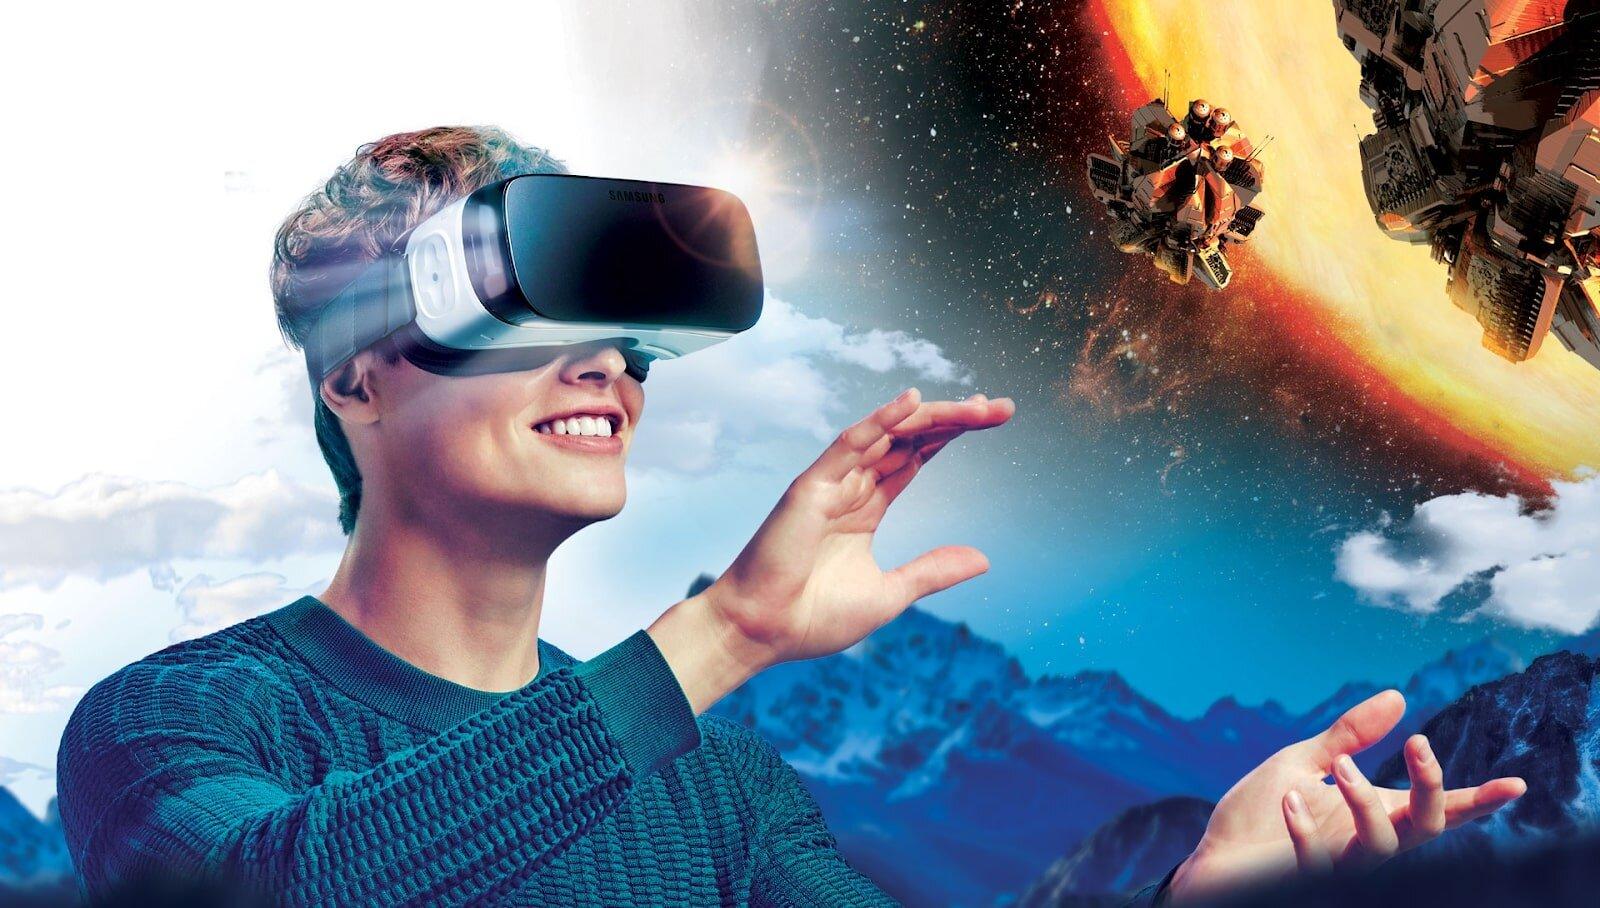 Kinh nghiệm xem phim bằng kính thực tế ảo